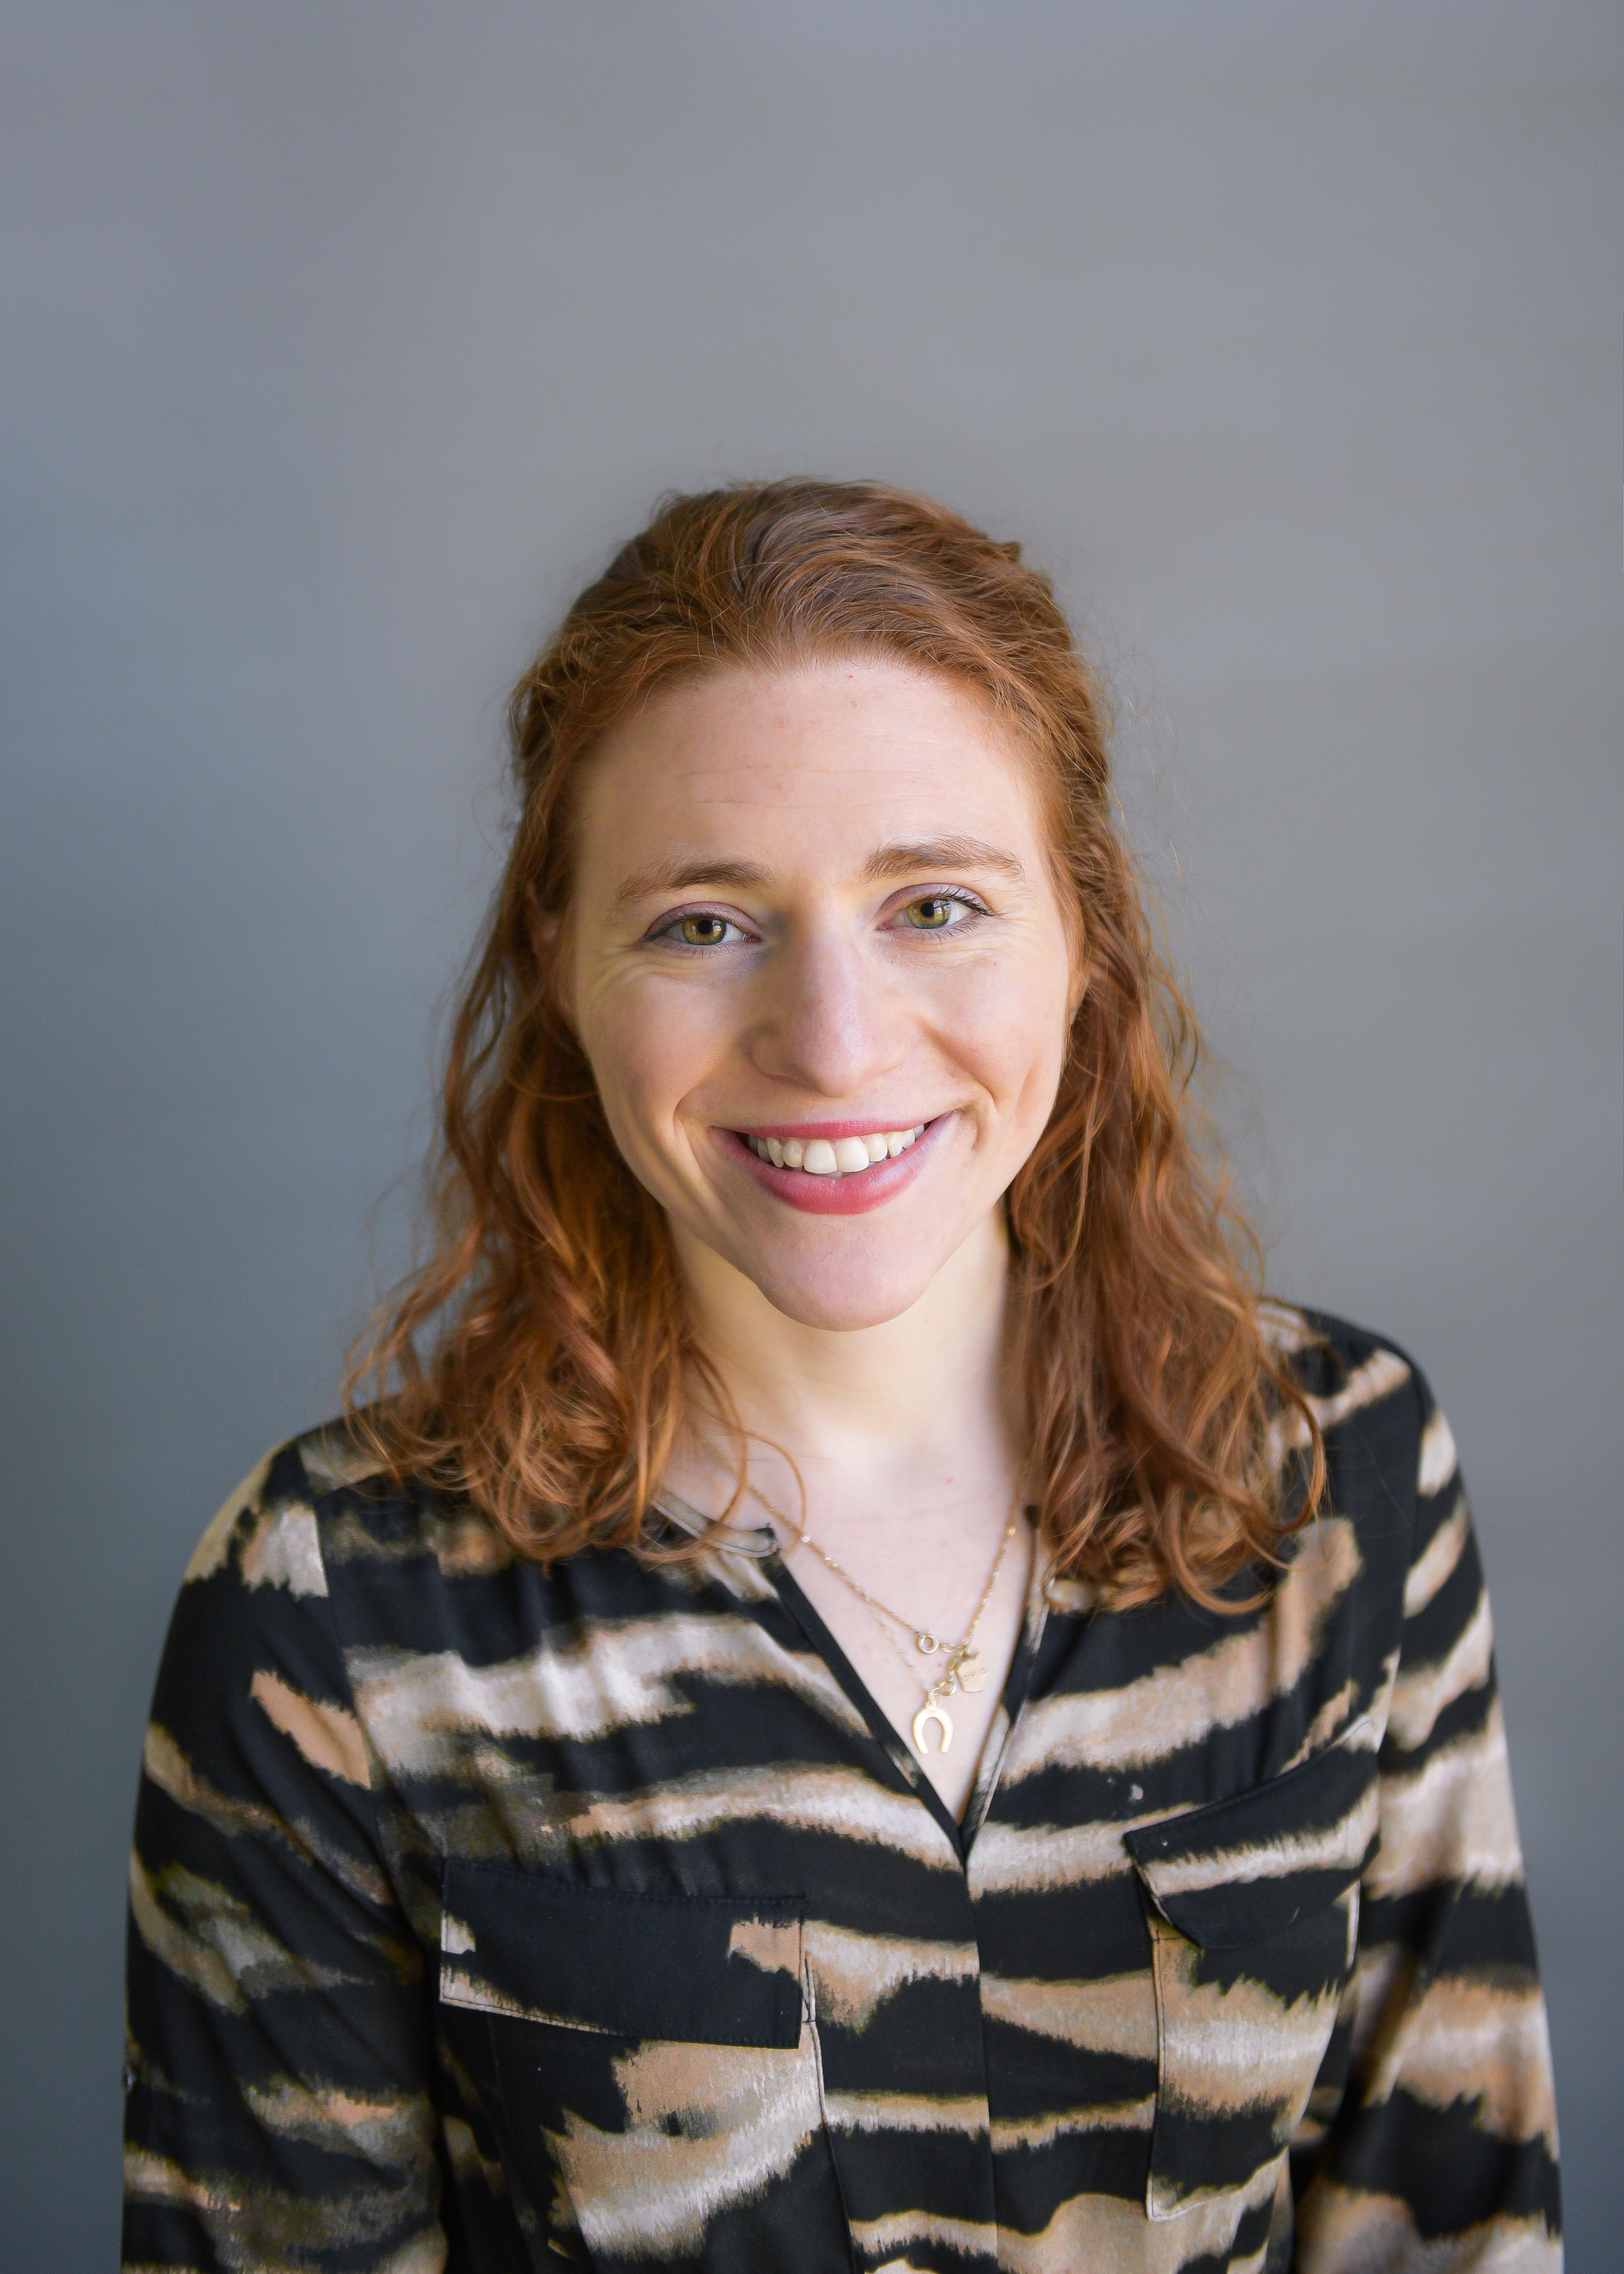 Madeleine Winer